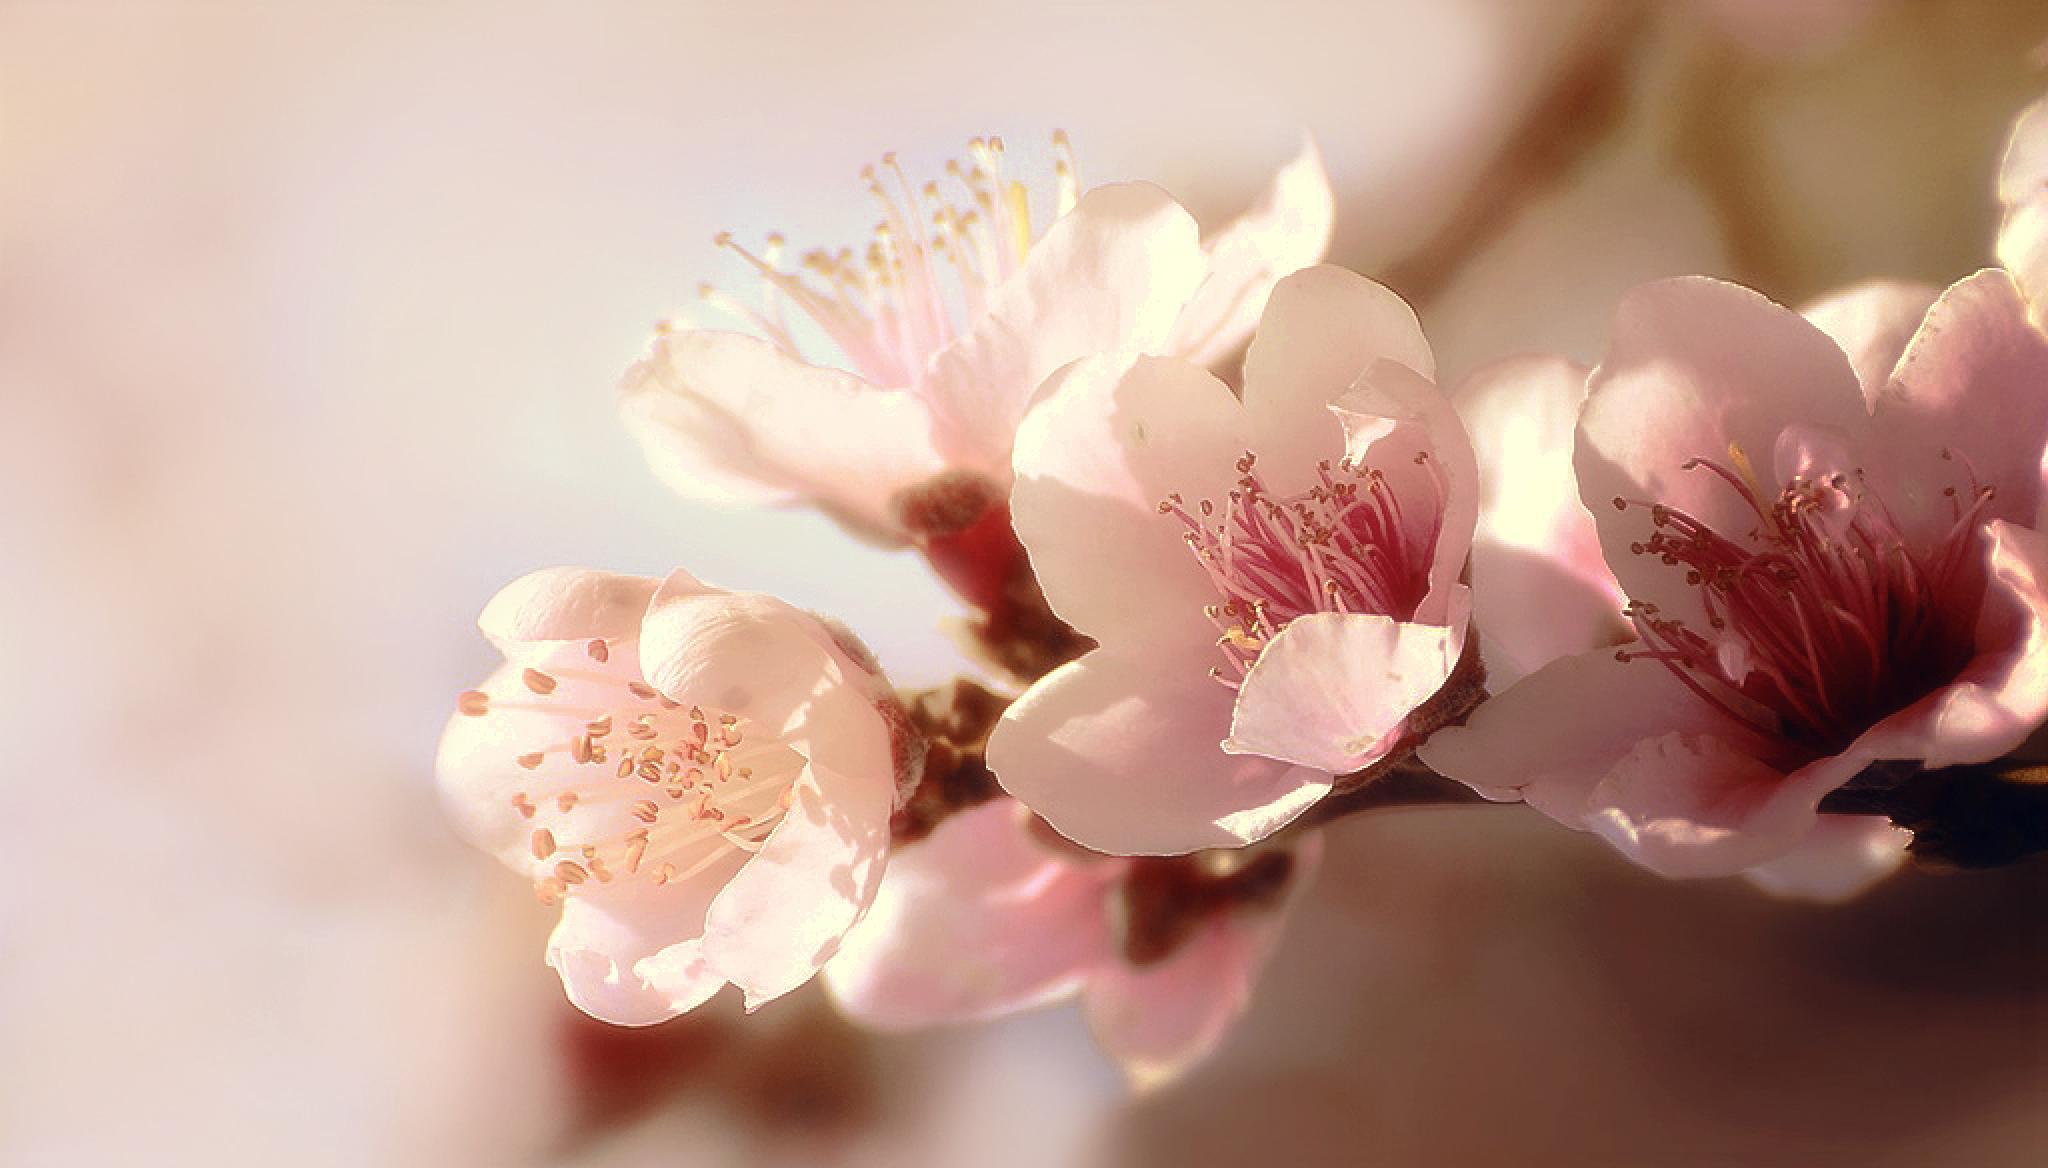 Almond Blossom by Filiz Bariskan